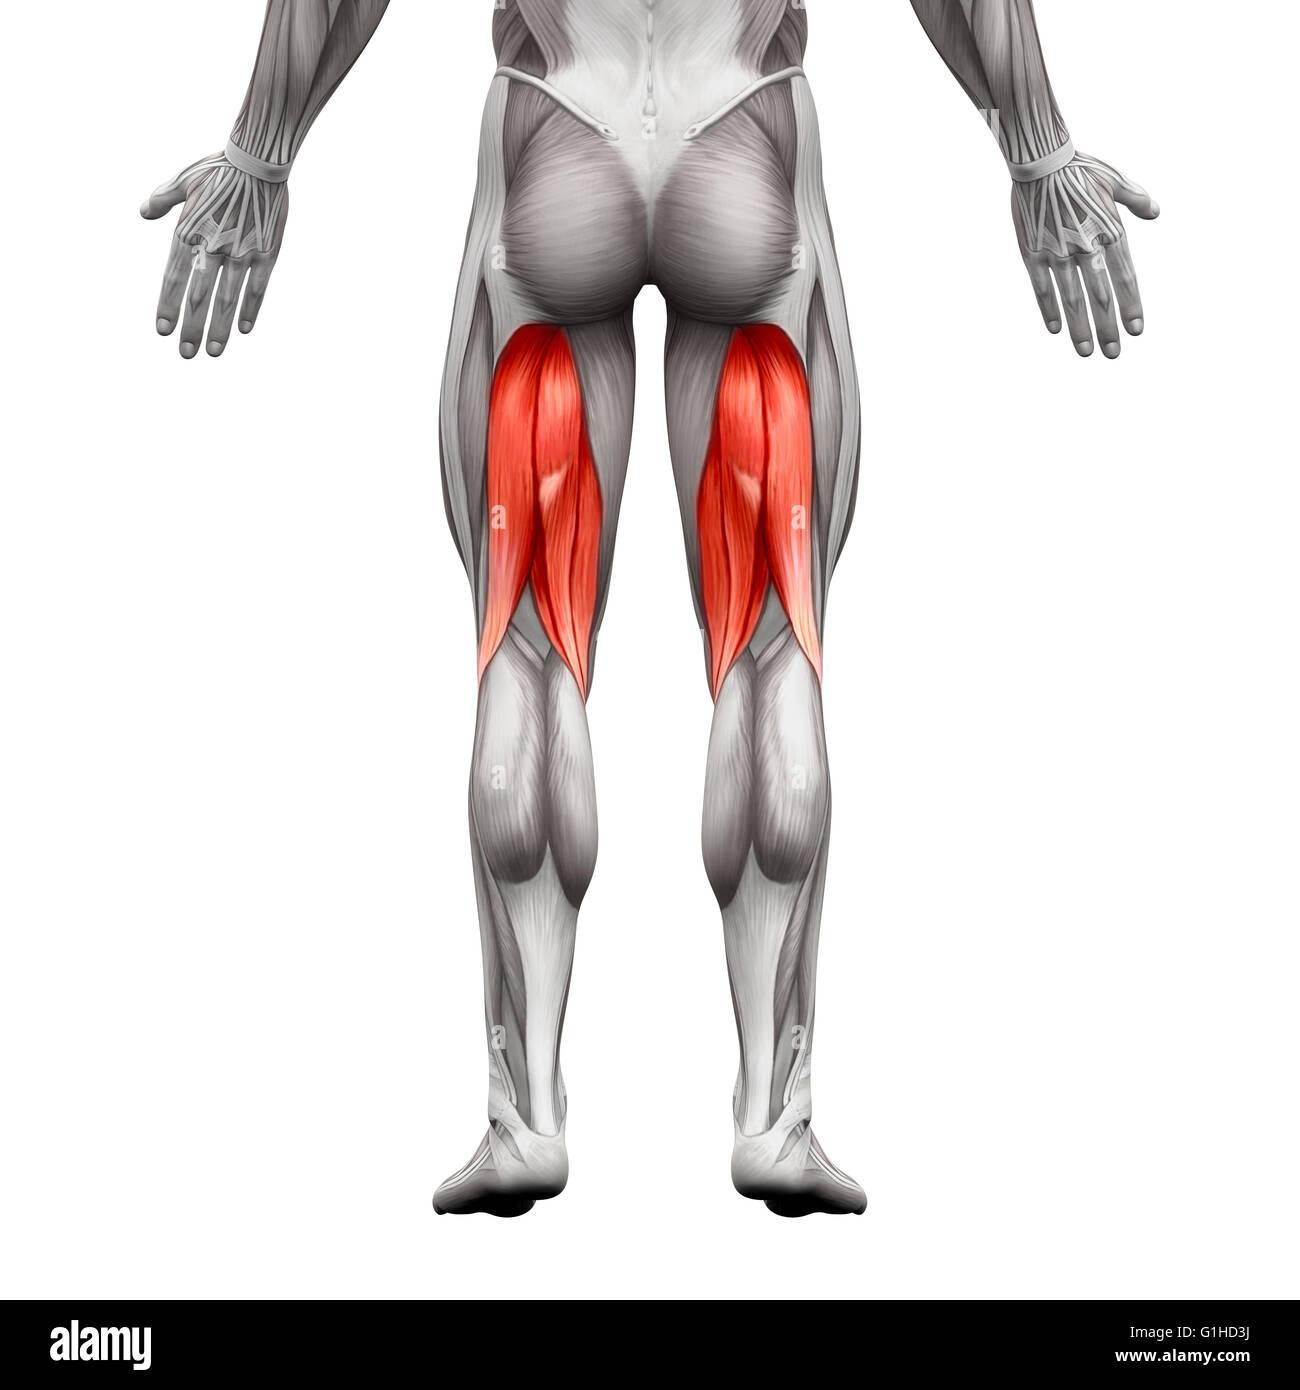 Männliche Muskeln Oberschenkel - Anatomie Muskel auf weiß - 3D ...